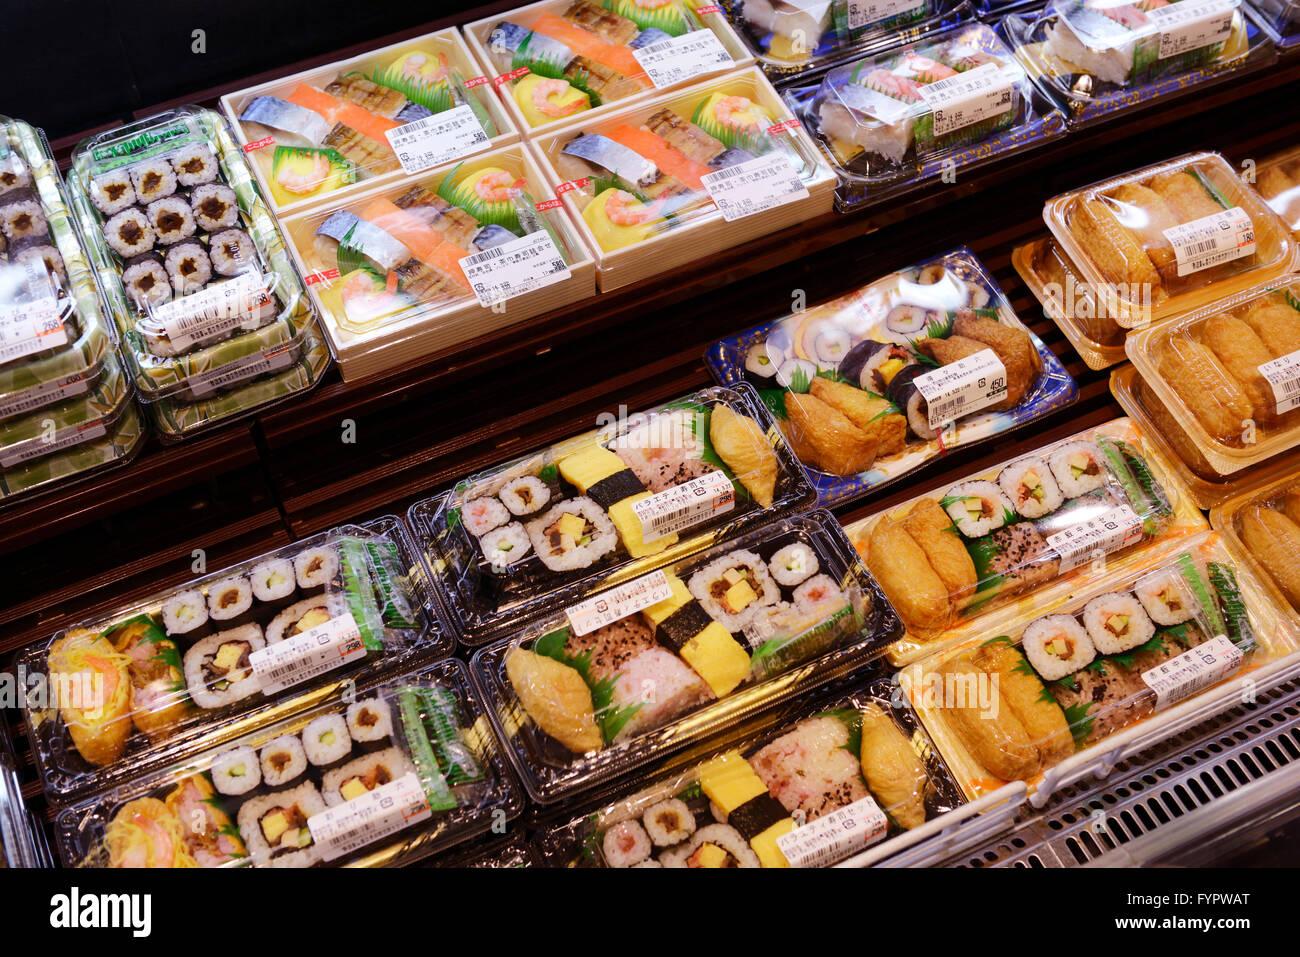 Confezionati rotoli di sushi, convenience food in un supermercato giapponese a Tokyo, Giappone Immagini Stock